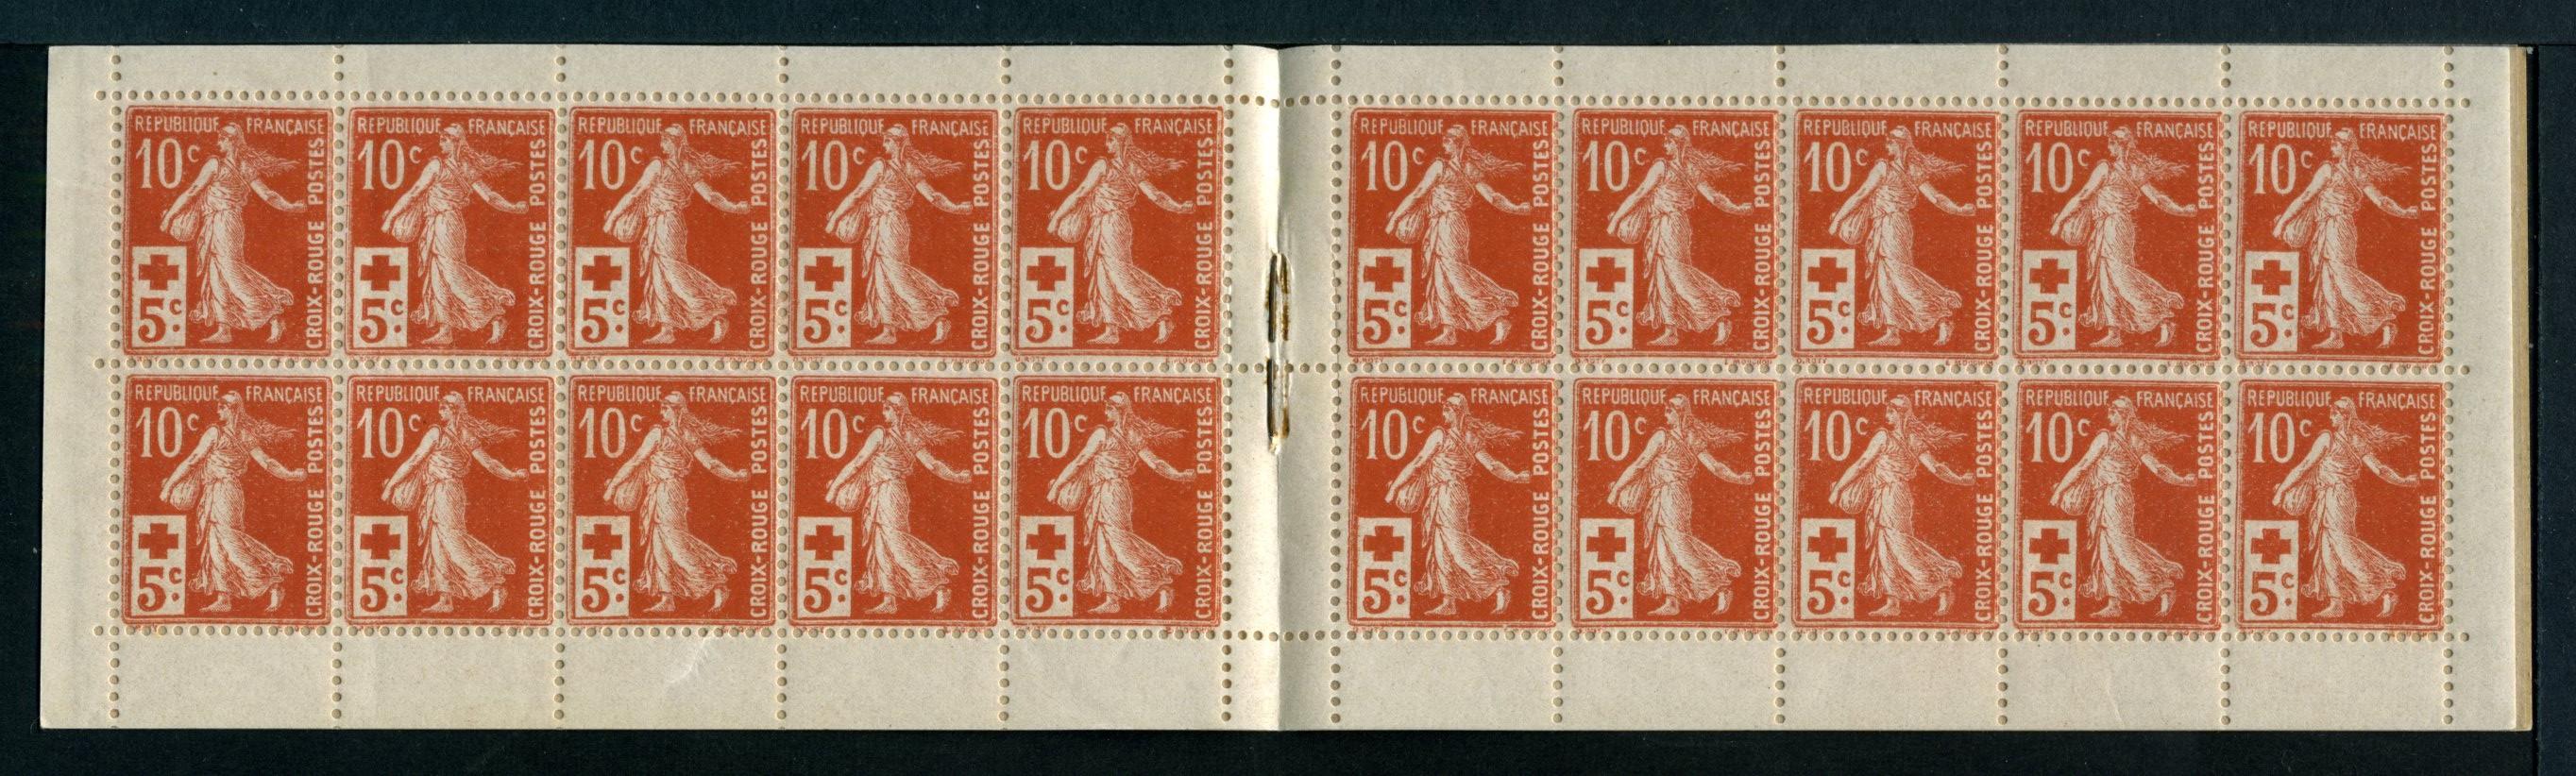 Carnet avec surtaxe en faveur de la Croix-Rouge - Mars 1915 - 147-C1 - ACCP CR1